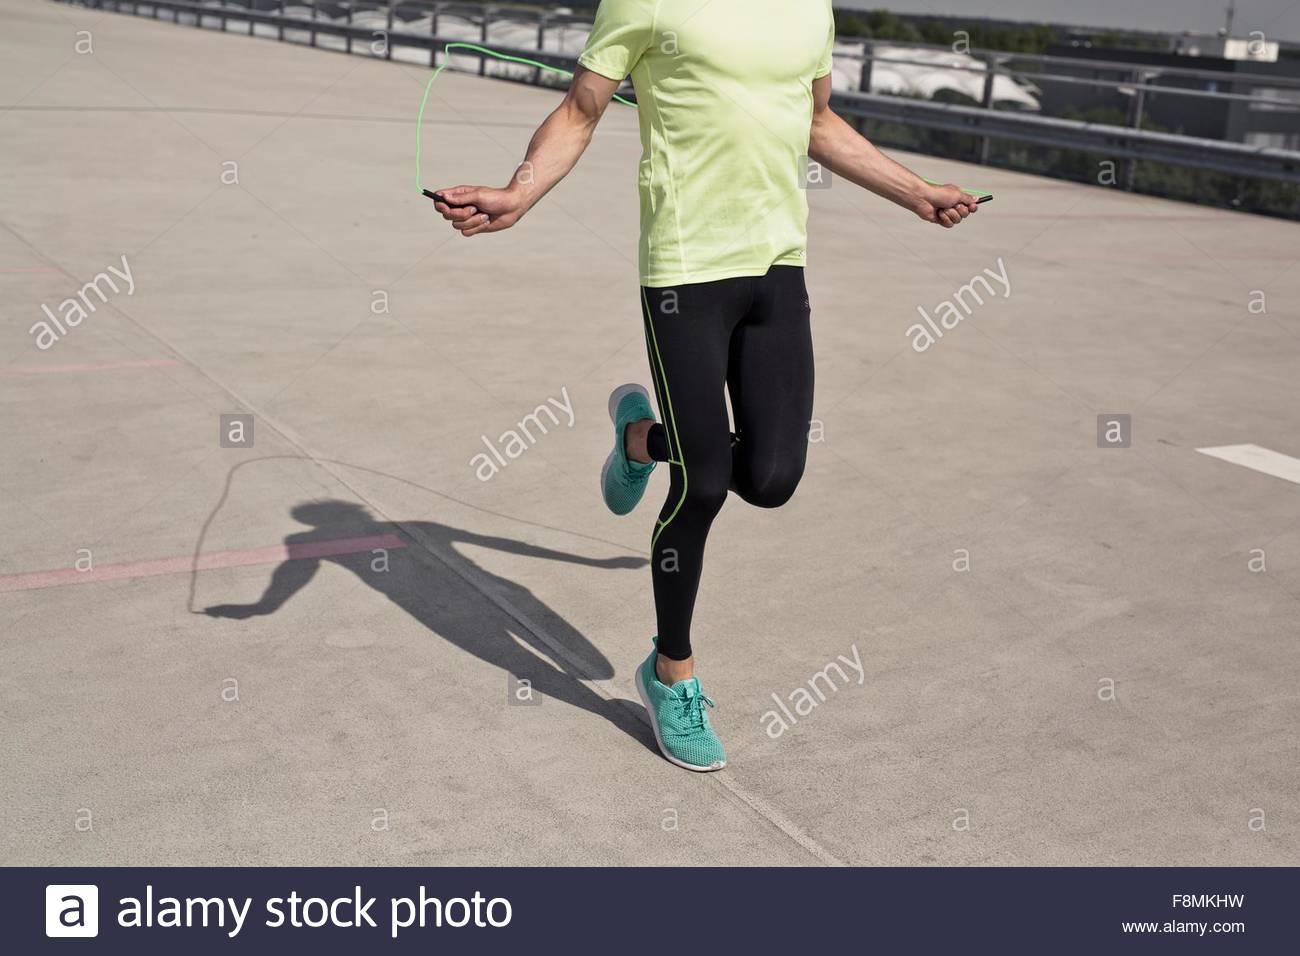 Joven haciendo saltar la formación en ciudad Imagen De Stock